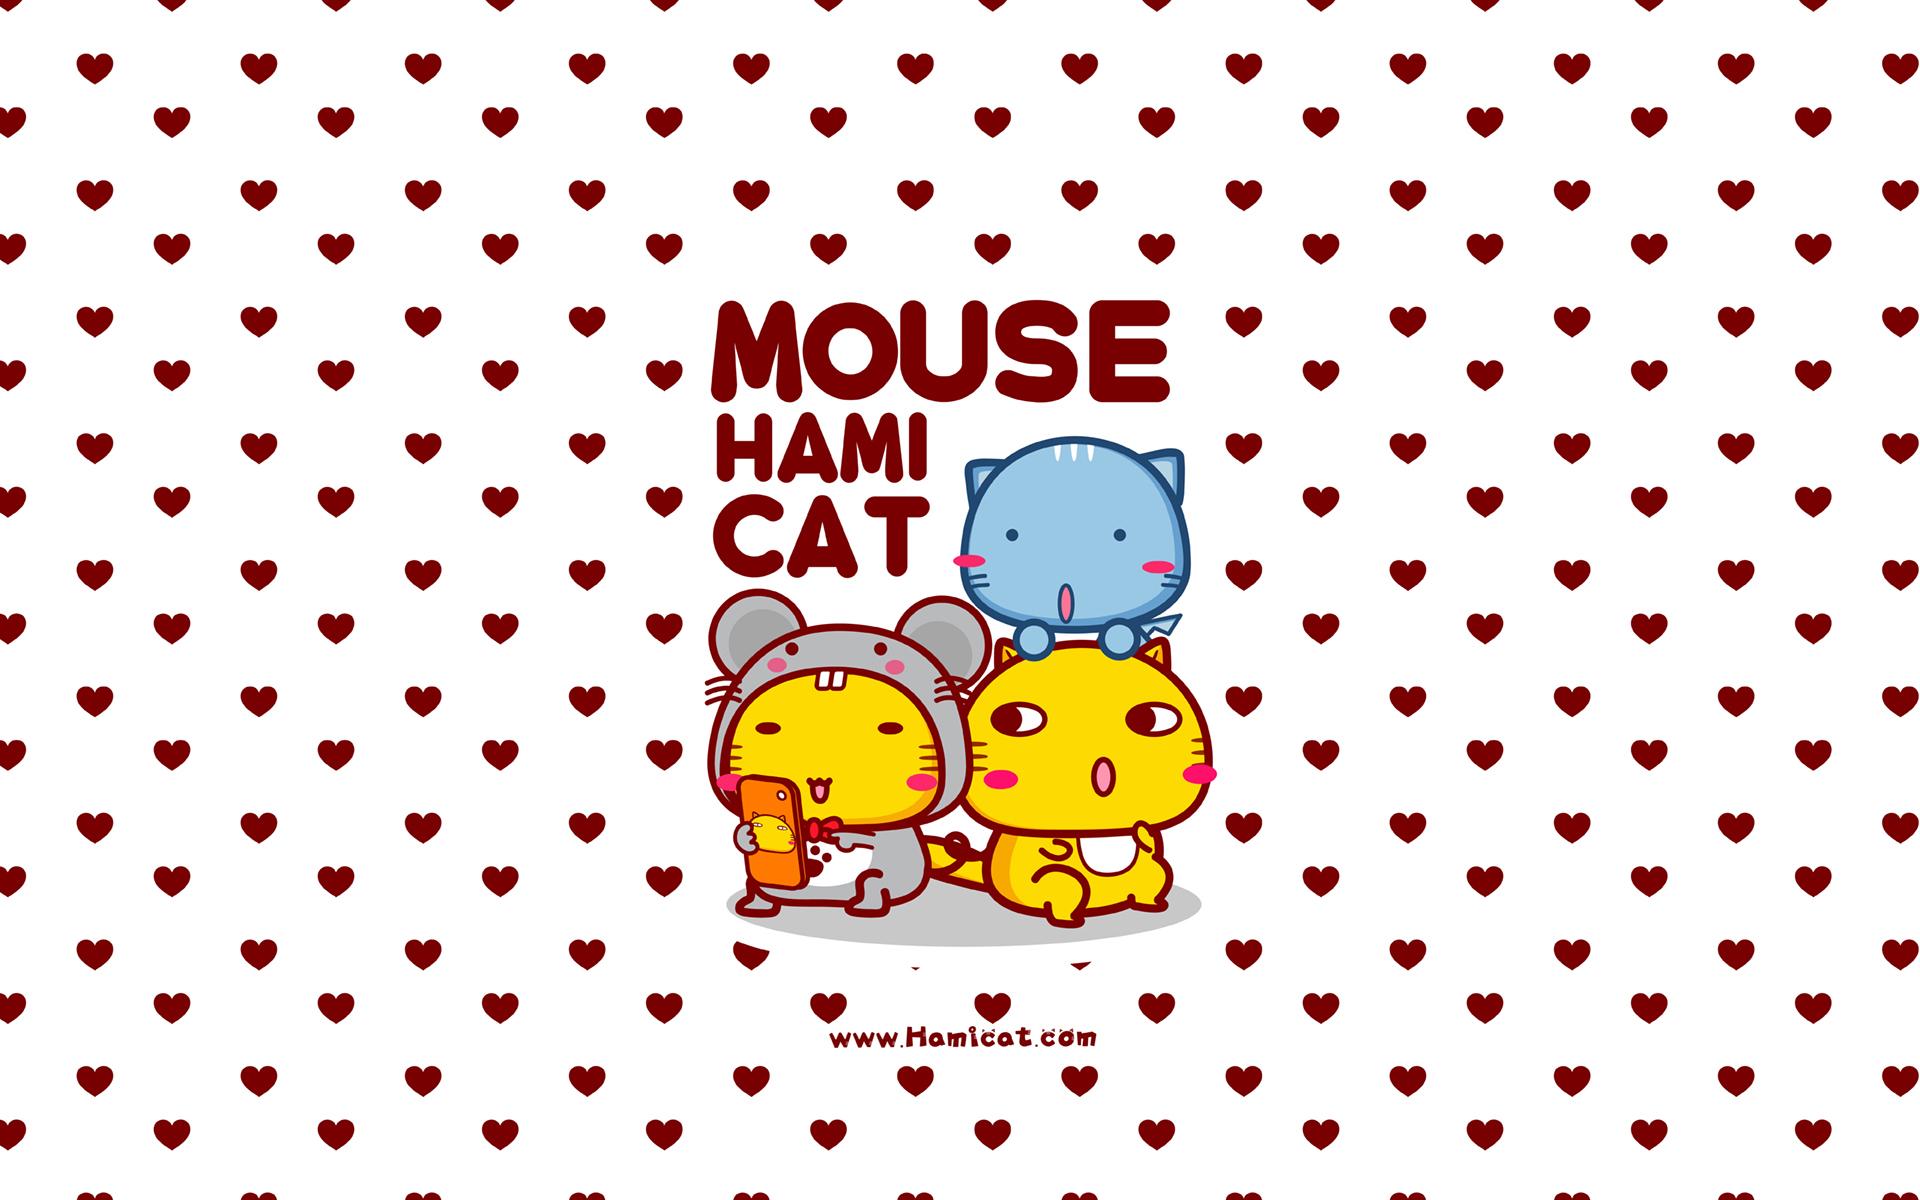 哈咪鼠 可爱卡通宽屏壁纸(壁纸9)